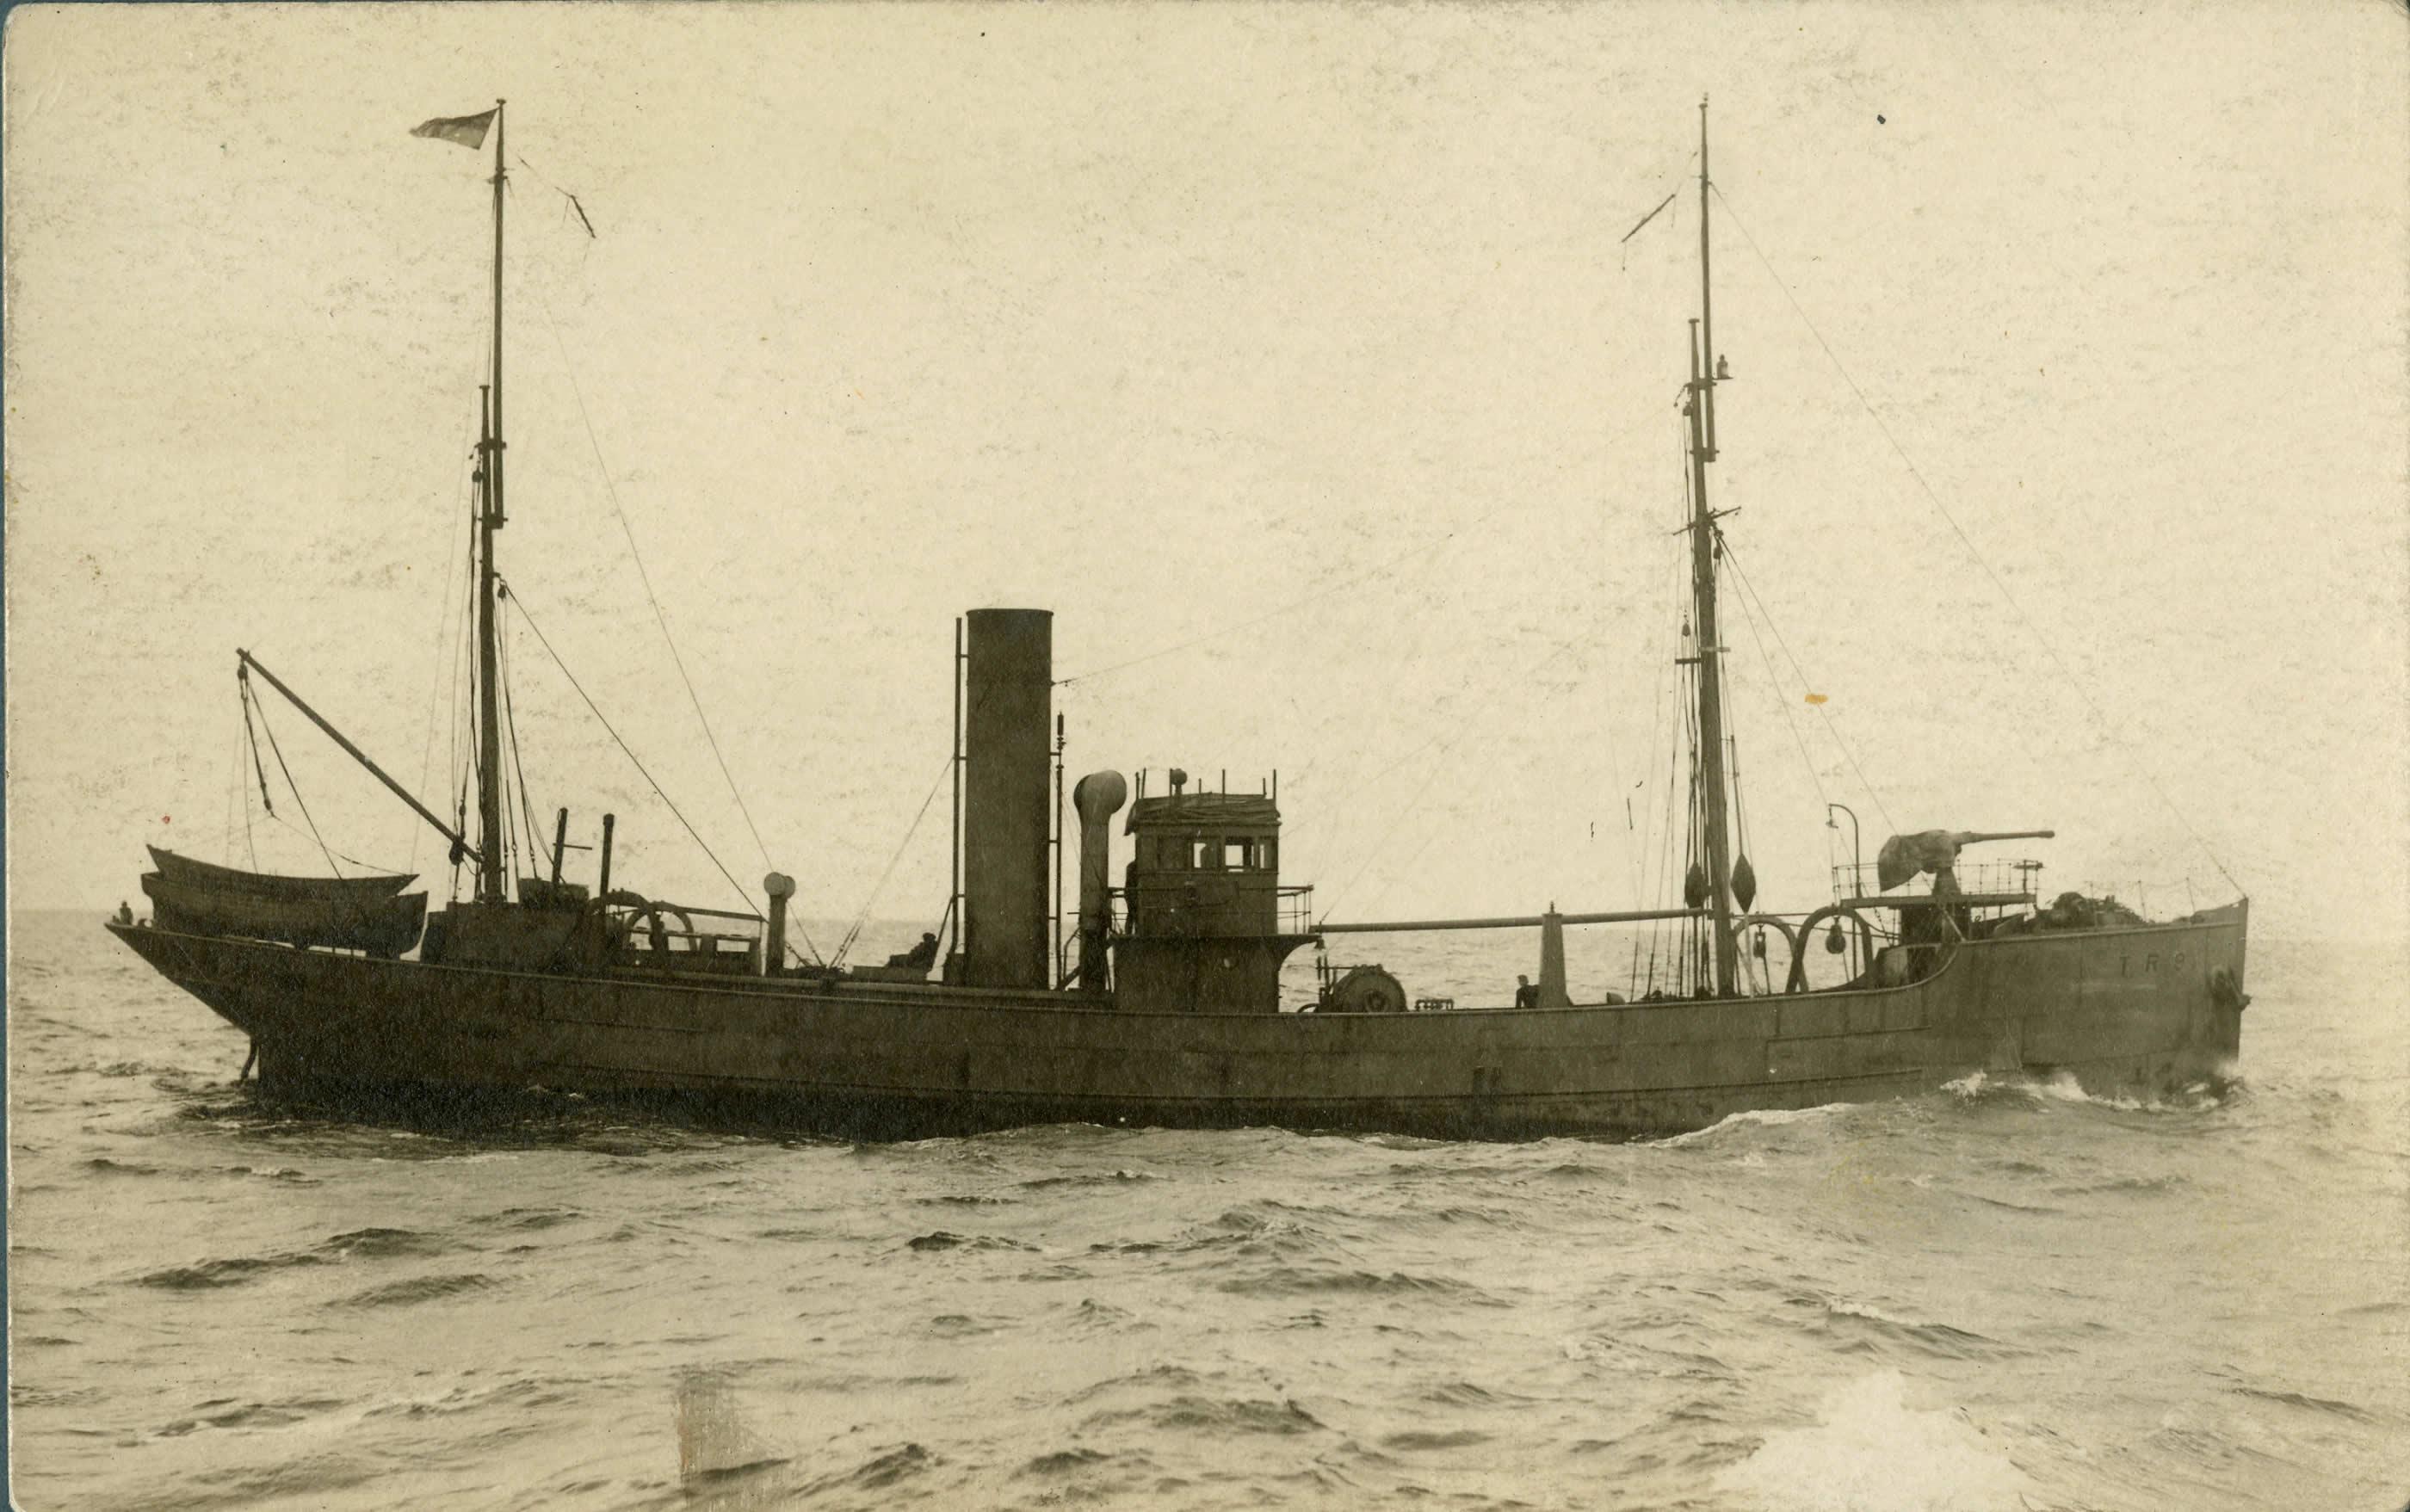 Trawler on Patrol